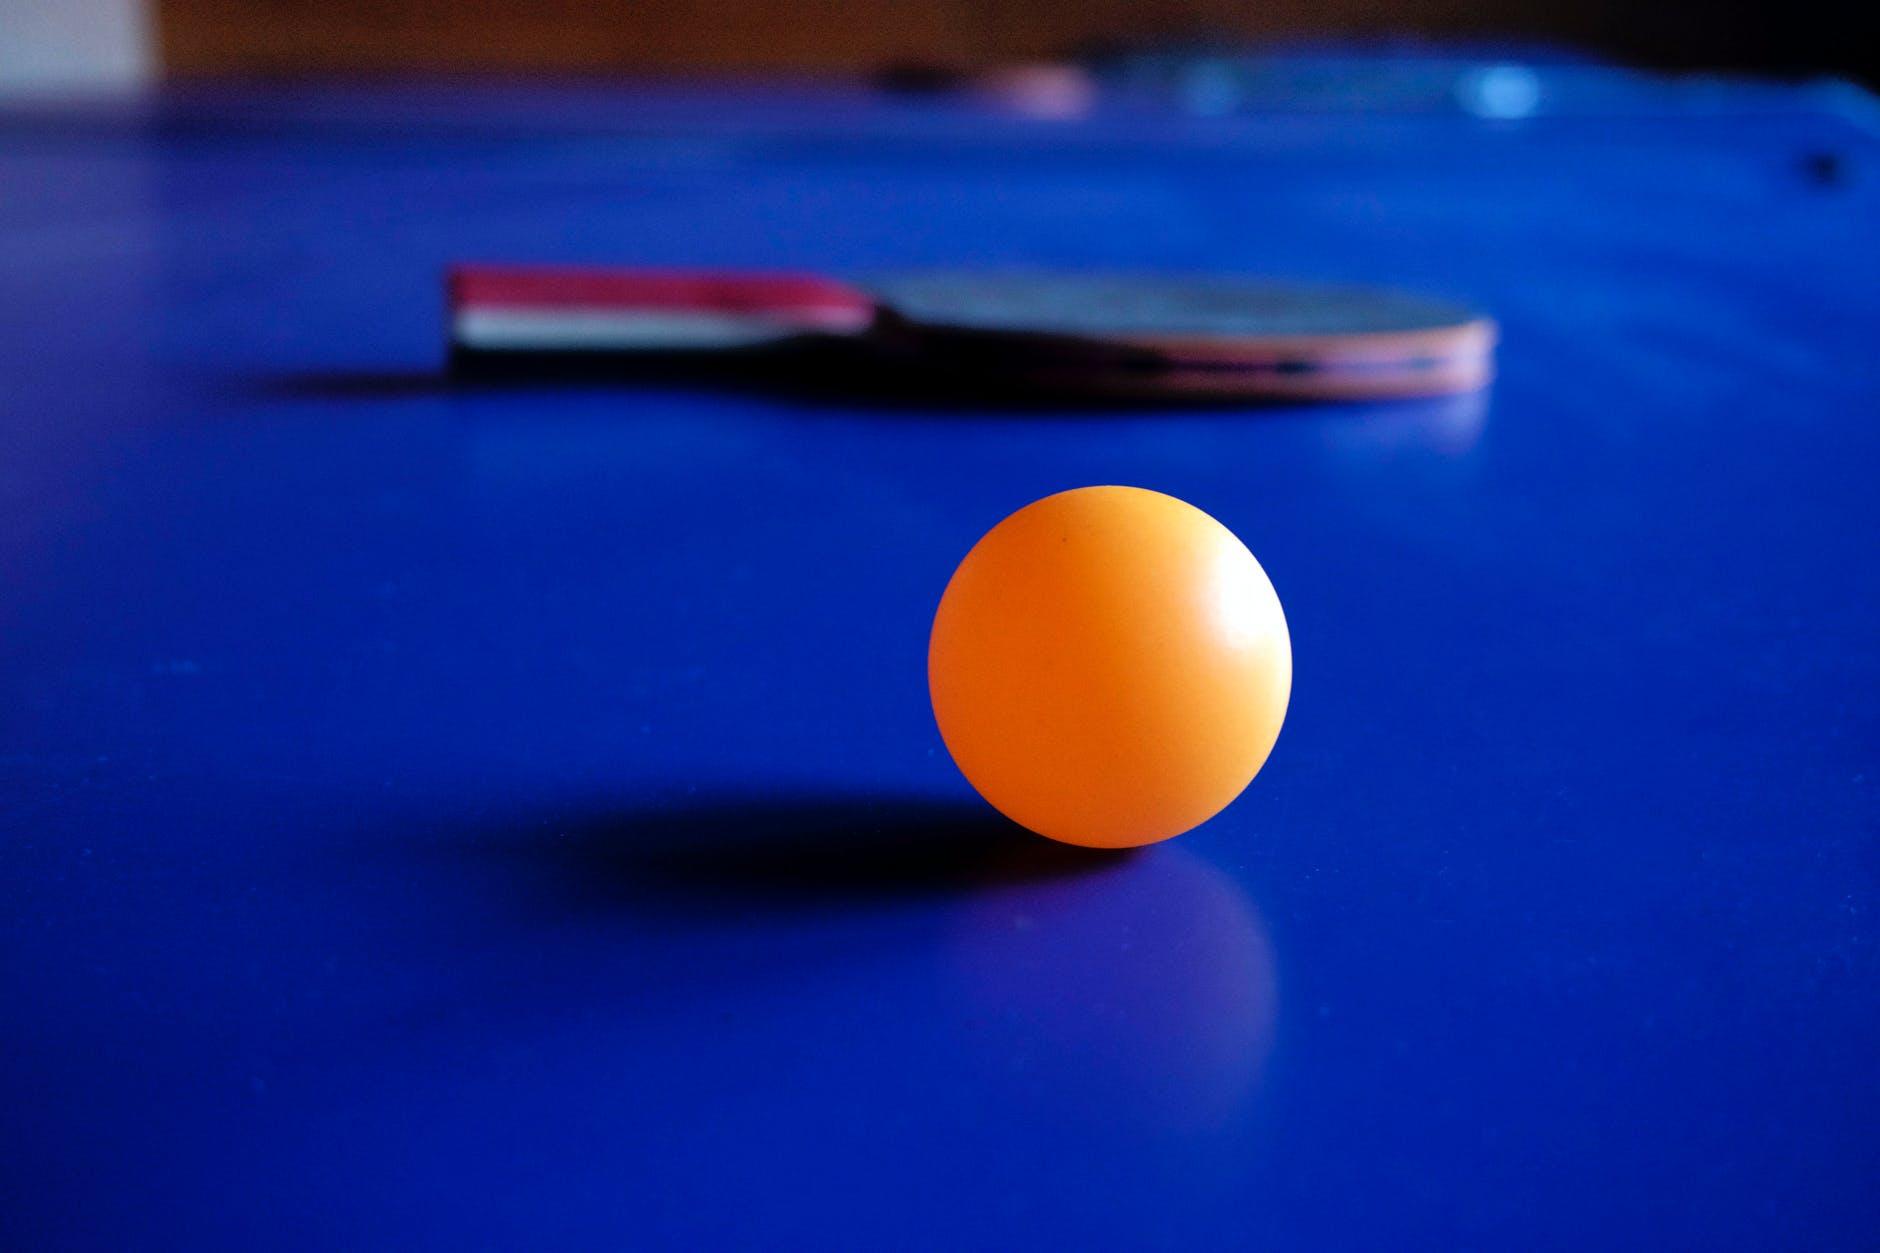 Memahami permainan tenis meja dan teknik dasarnya.